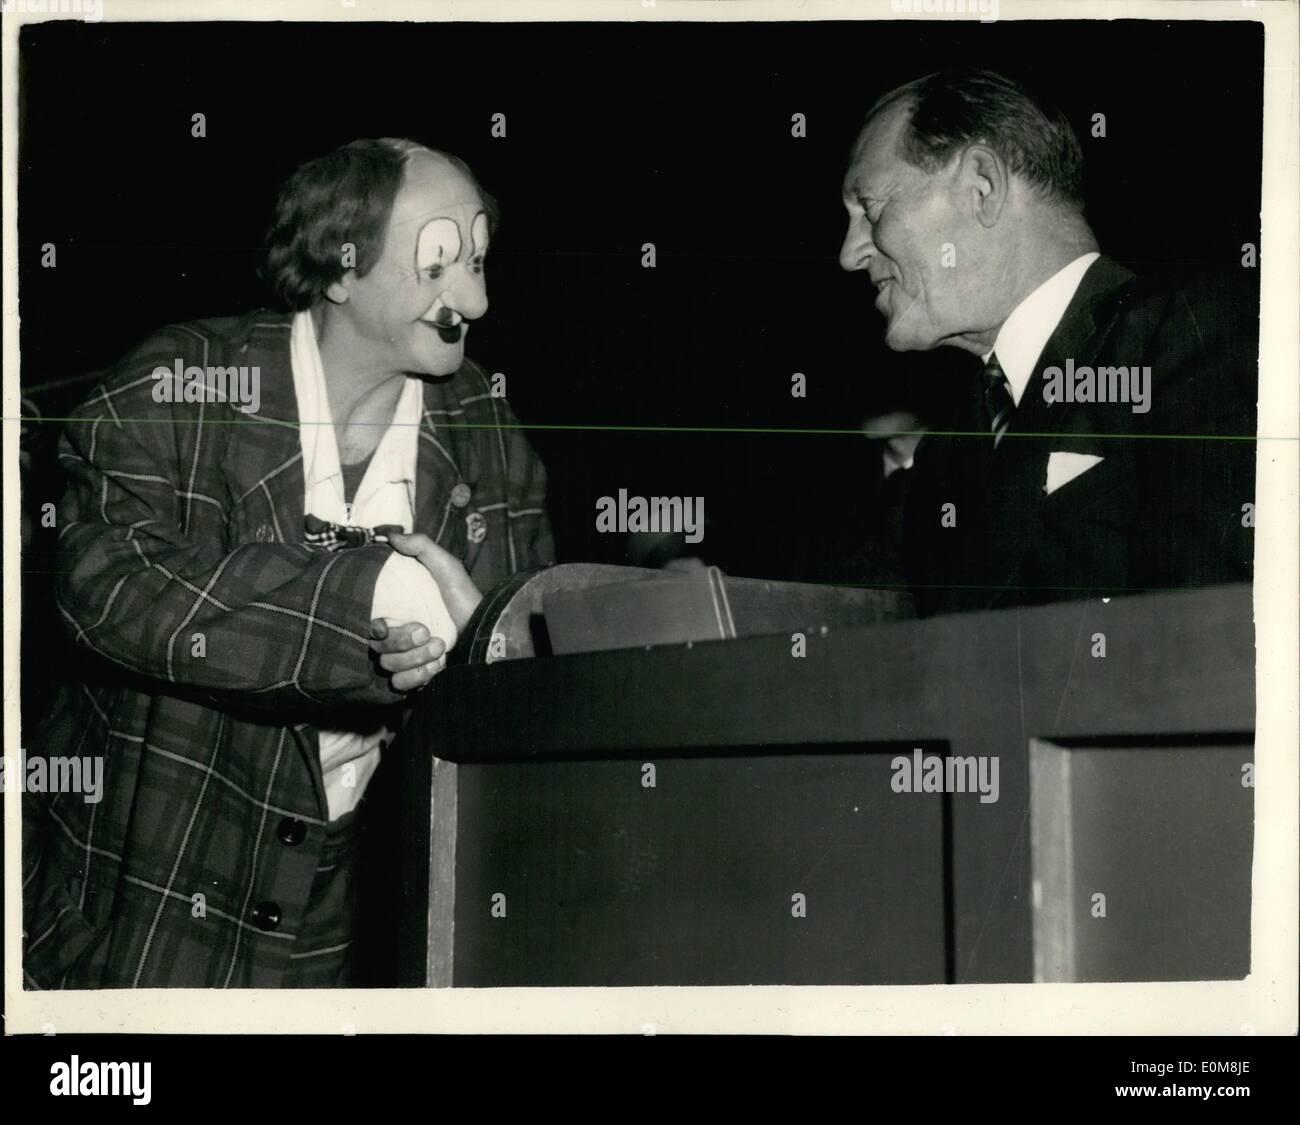 12 déc., 1953 - Prince Axel de Danemark répond à Ccoco au cirque. 4f2dafbd4d2